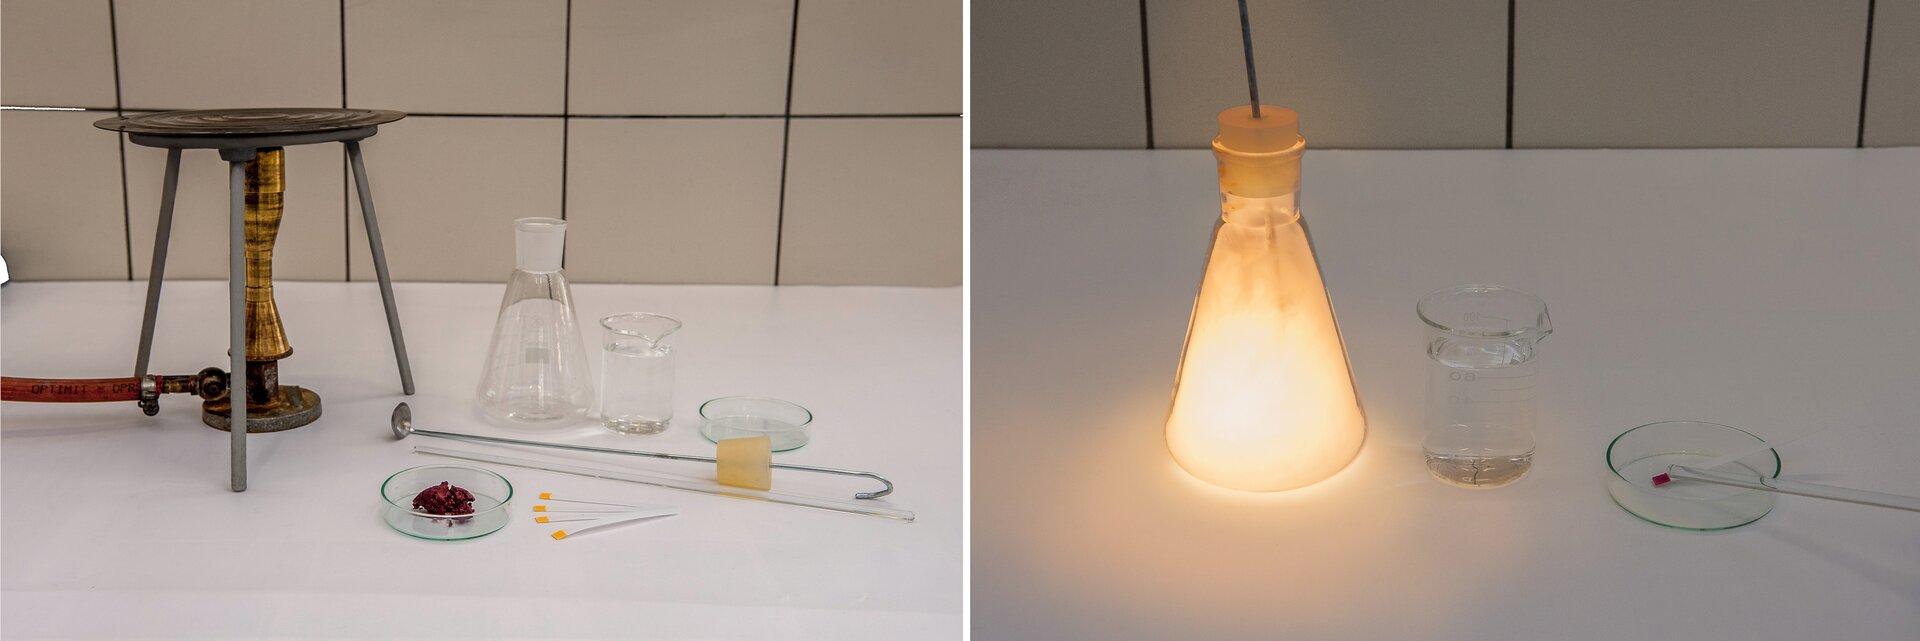 Ilustracja składa się zdwóch sąsiadujących ze sobą zdjęć. Na zdjęciu po lewej stronie prezentowany jest zestaw laboratoryjny składający się zpalnika gazowego nad którym ustawiono trójnóg zsiatką do ogrzewania, długa łyżka do spalań zkorkiem, szklana bagietka, kolba stożkowa, zlewka zwodą, szalka Petriego, papierki wskaźnikowe idruga szalka Petriego zniewielką ilością czerwonawego proszku. Na zdjęciu po prawej stronie prezentowany jest wynik doświadczenia. Kolba złyżką do spalania zatkana jest korkiem, wewnątrz kolby biały dym iświatło płomienia, na dnie niewielka ilość wody. Obok zlewka zwodą ipapierek wskaźnikowy umieszczony na szlace Petriego zabarwiony na czerwono oraz oparta oszalkę bagietka.